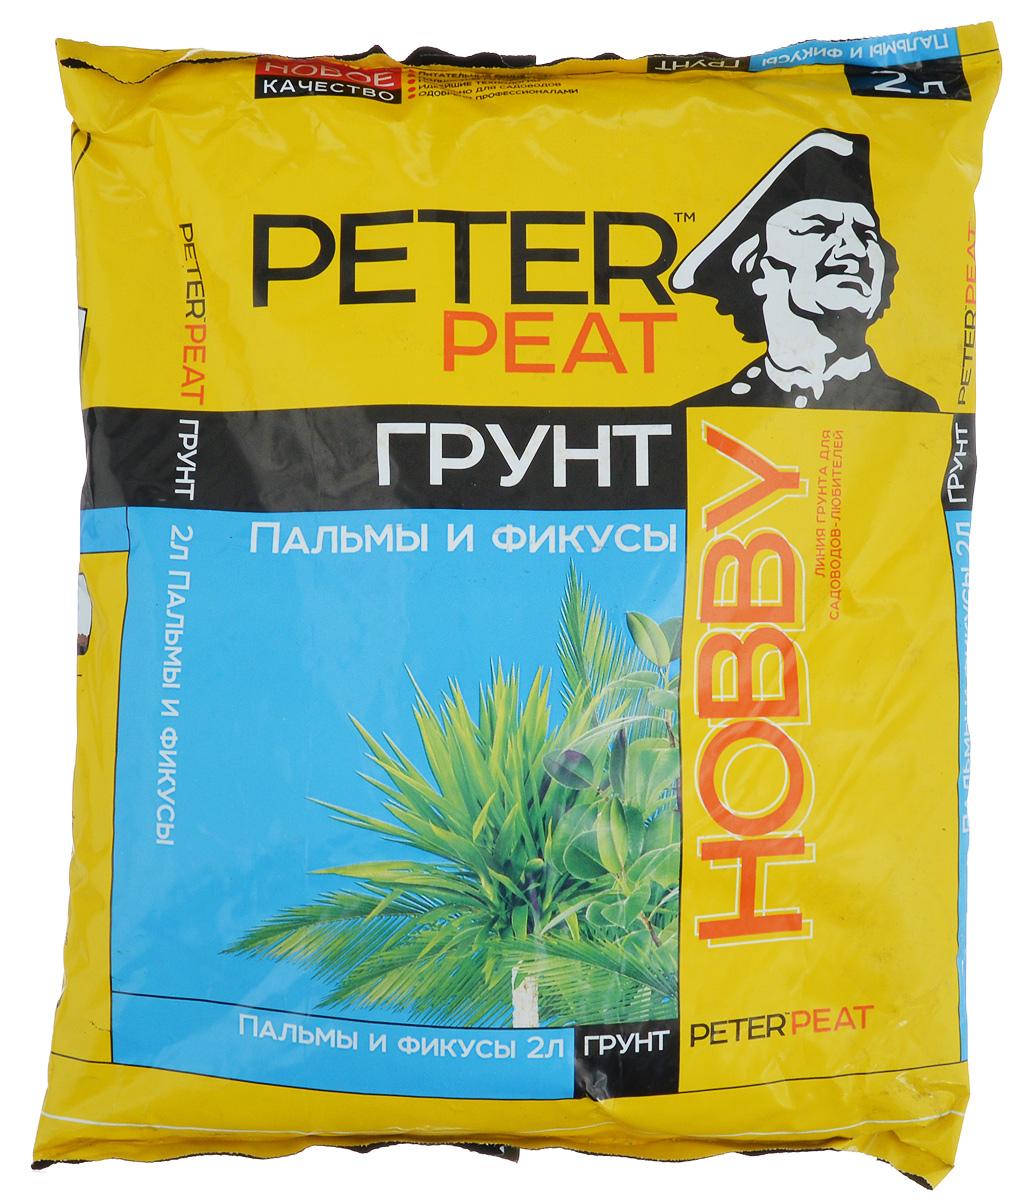 Грунт для растений Peter Peat Пальмы и фикусы, 2 л09840-20.000.00Peter Peat Пальмы и фикусы - это готовый к применению питательный торфяной грунт. Грунт предназначен для выращивания пальм, фикусов, монстеры, юкки и других крупномерных растений. Способствует приживаемости растений и улучшает их декоративные качества.